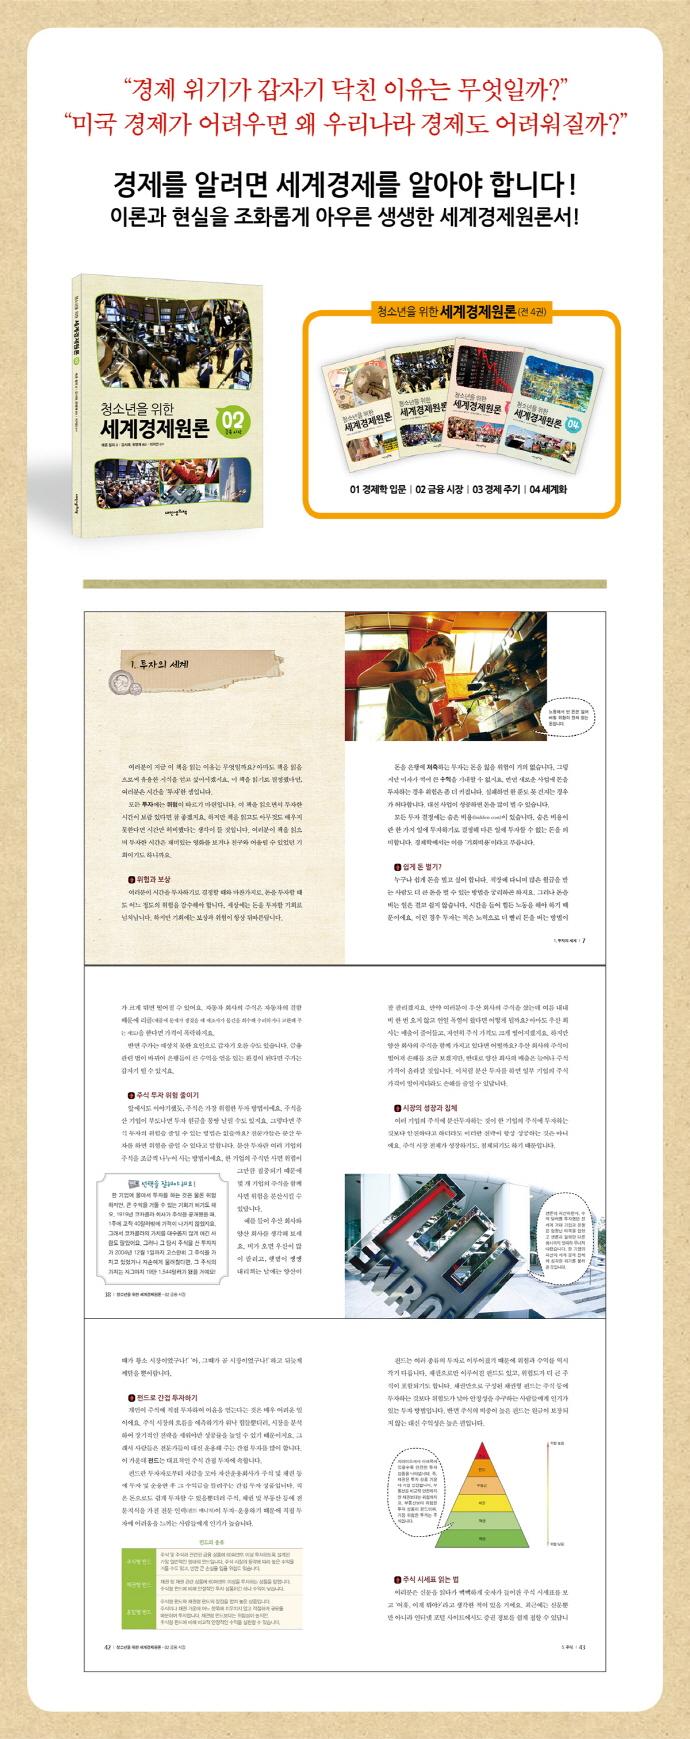 세계경제원론. 2: 금융 시장(청소년을 위한)(양장본 HardCover) 도서 상세이미지